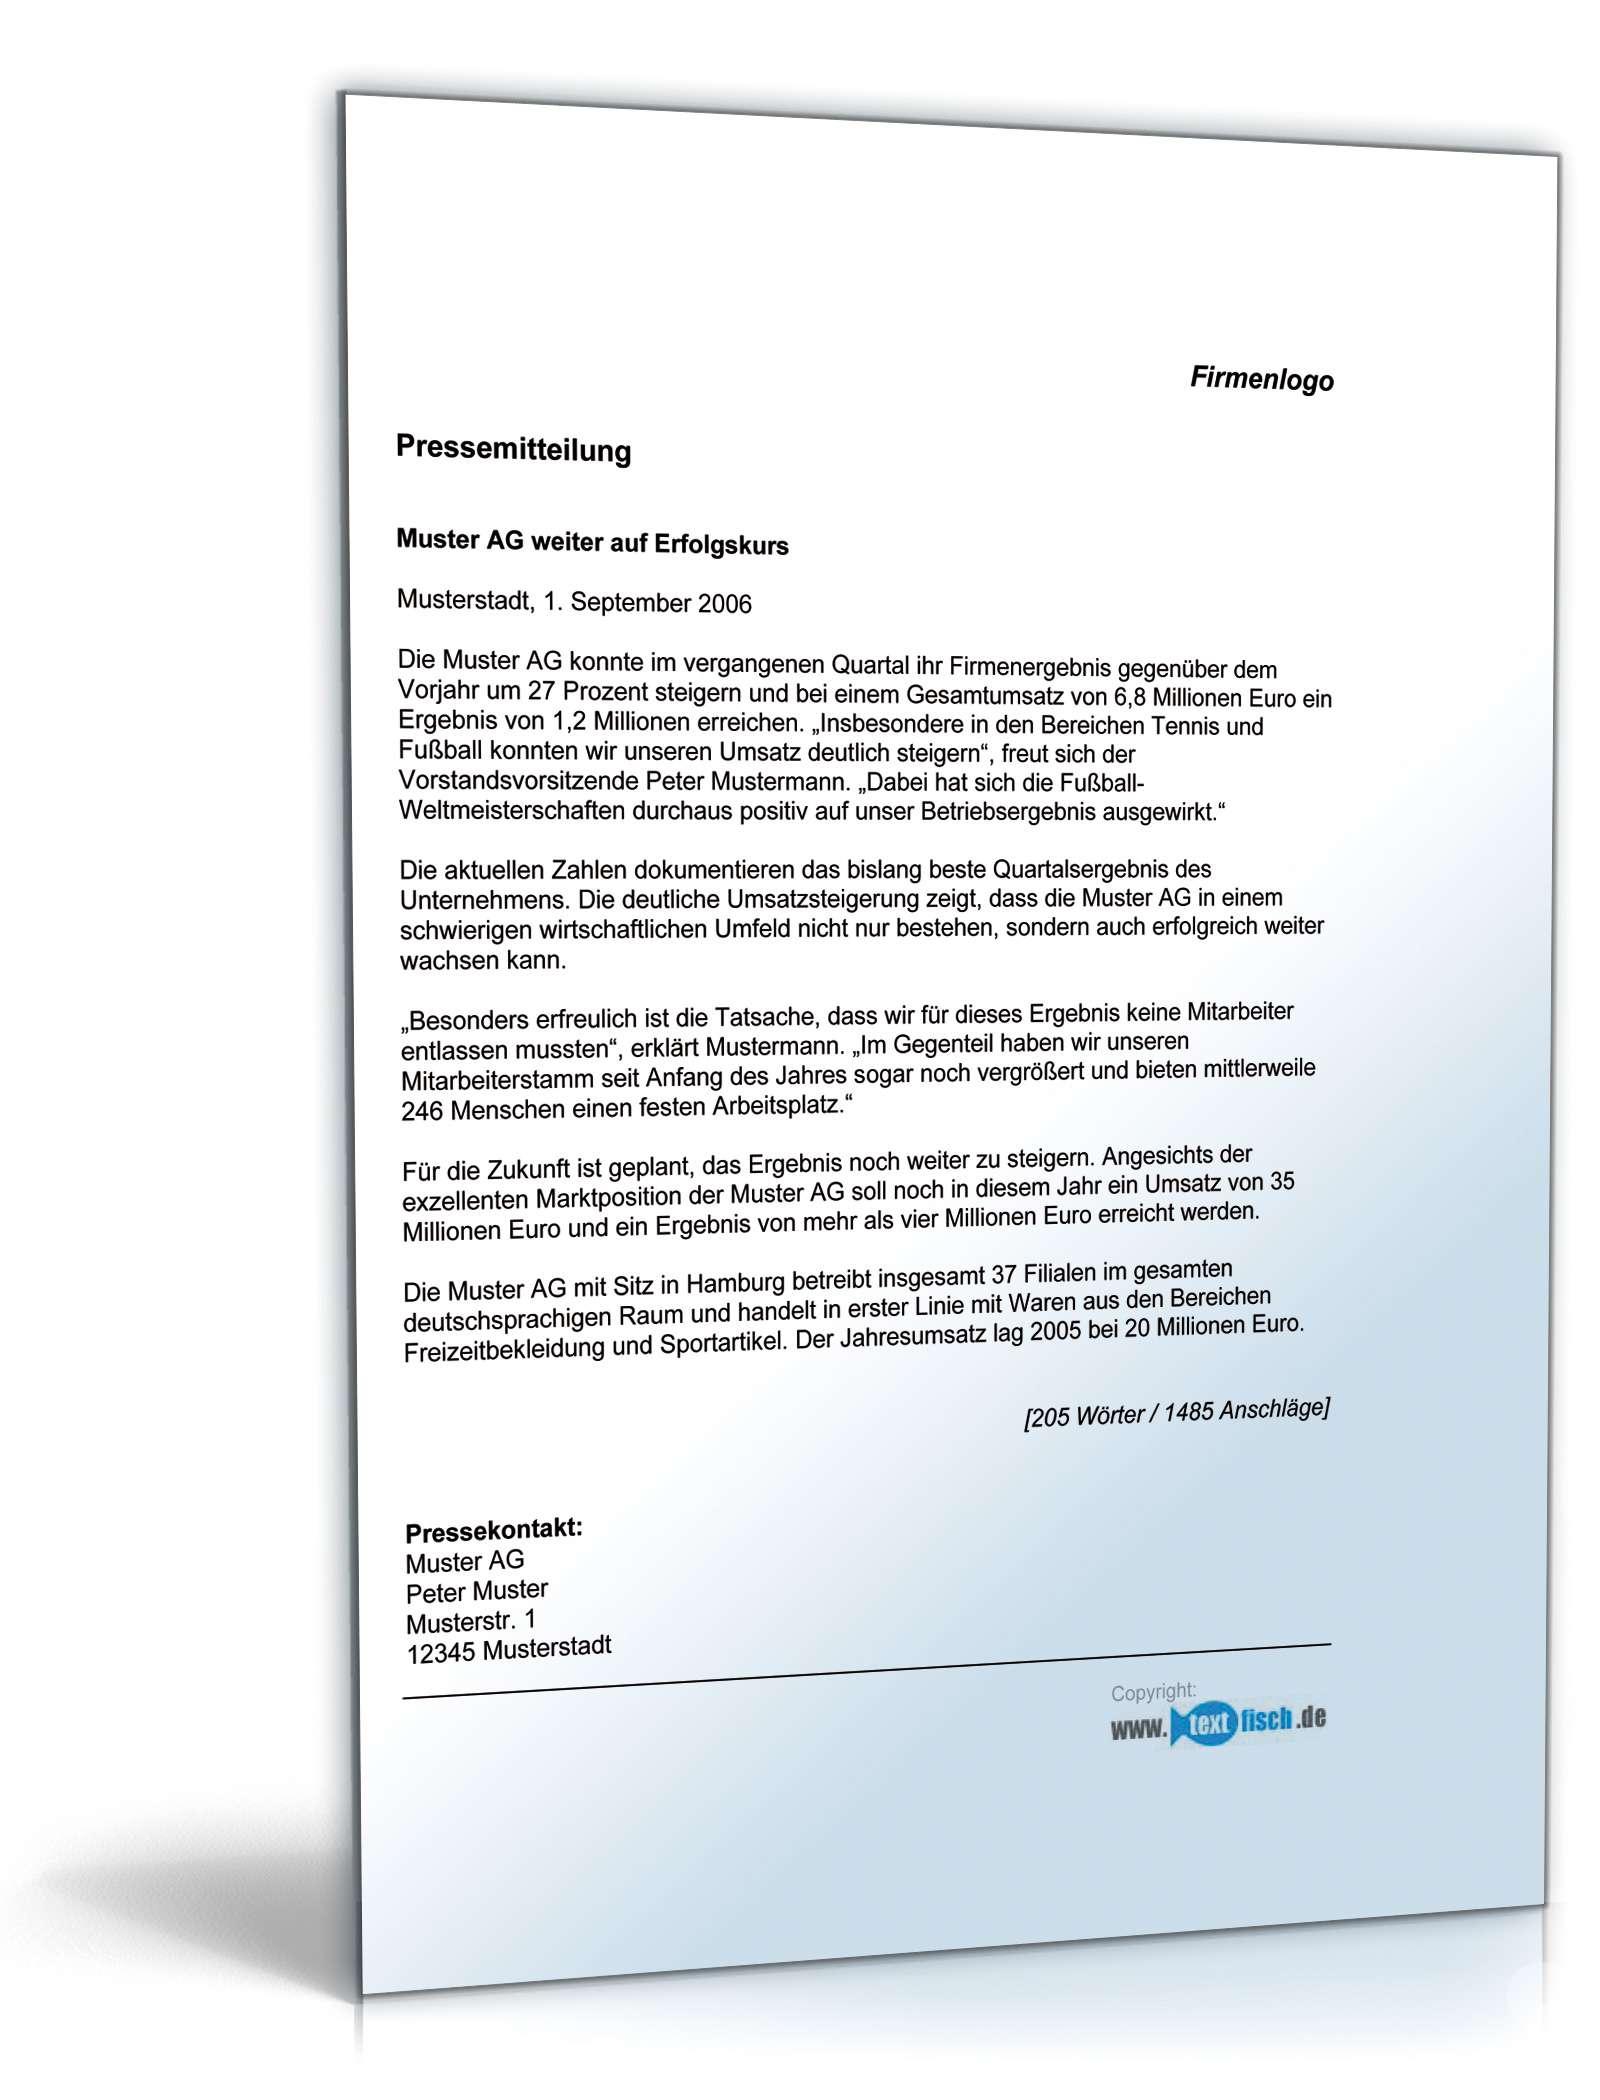 Pressemitteilung Geschäftsergebnis | Muster zum Download